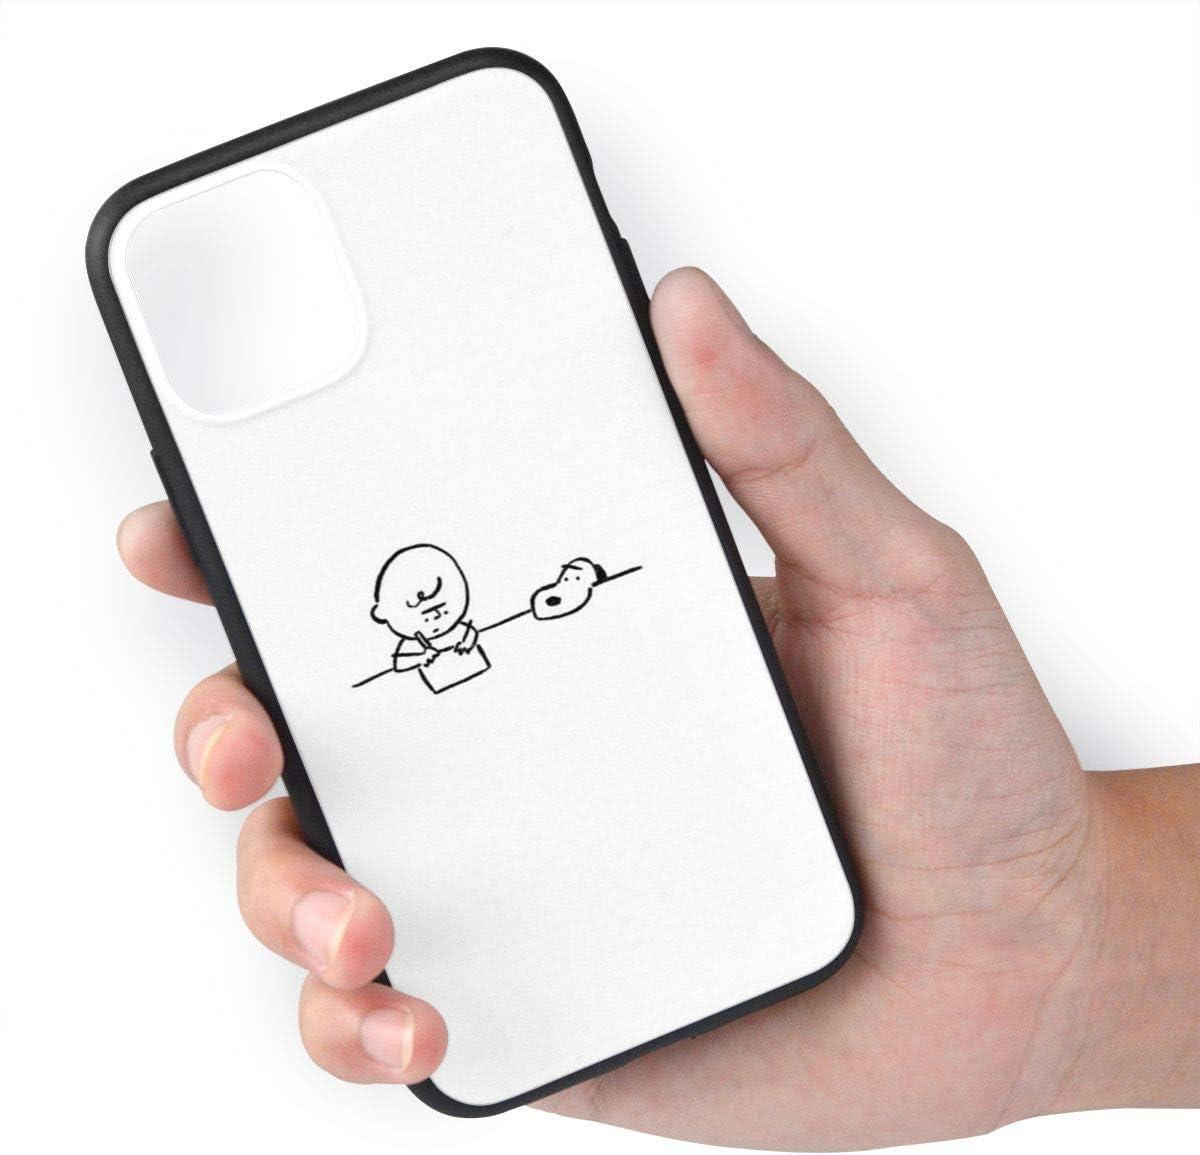 50 アイフォン6 壁紙 スヌーピー Pc Android Iphoneの壁紙画像 Anihonetwall